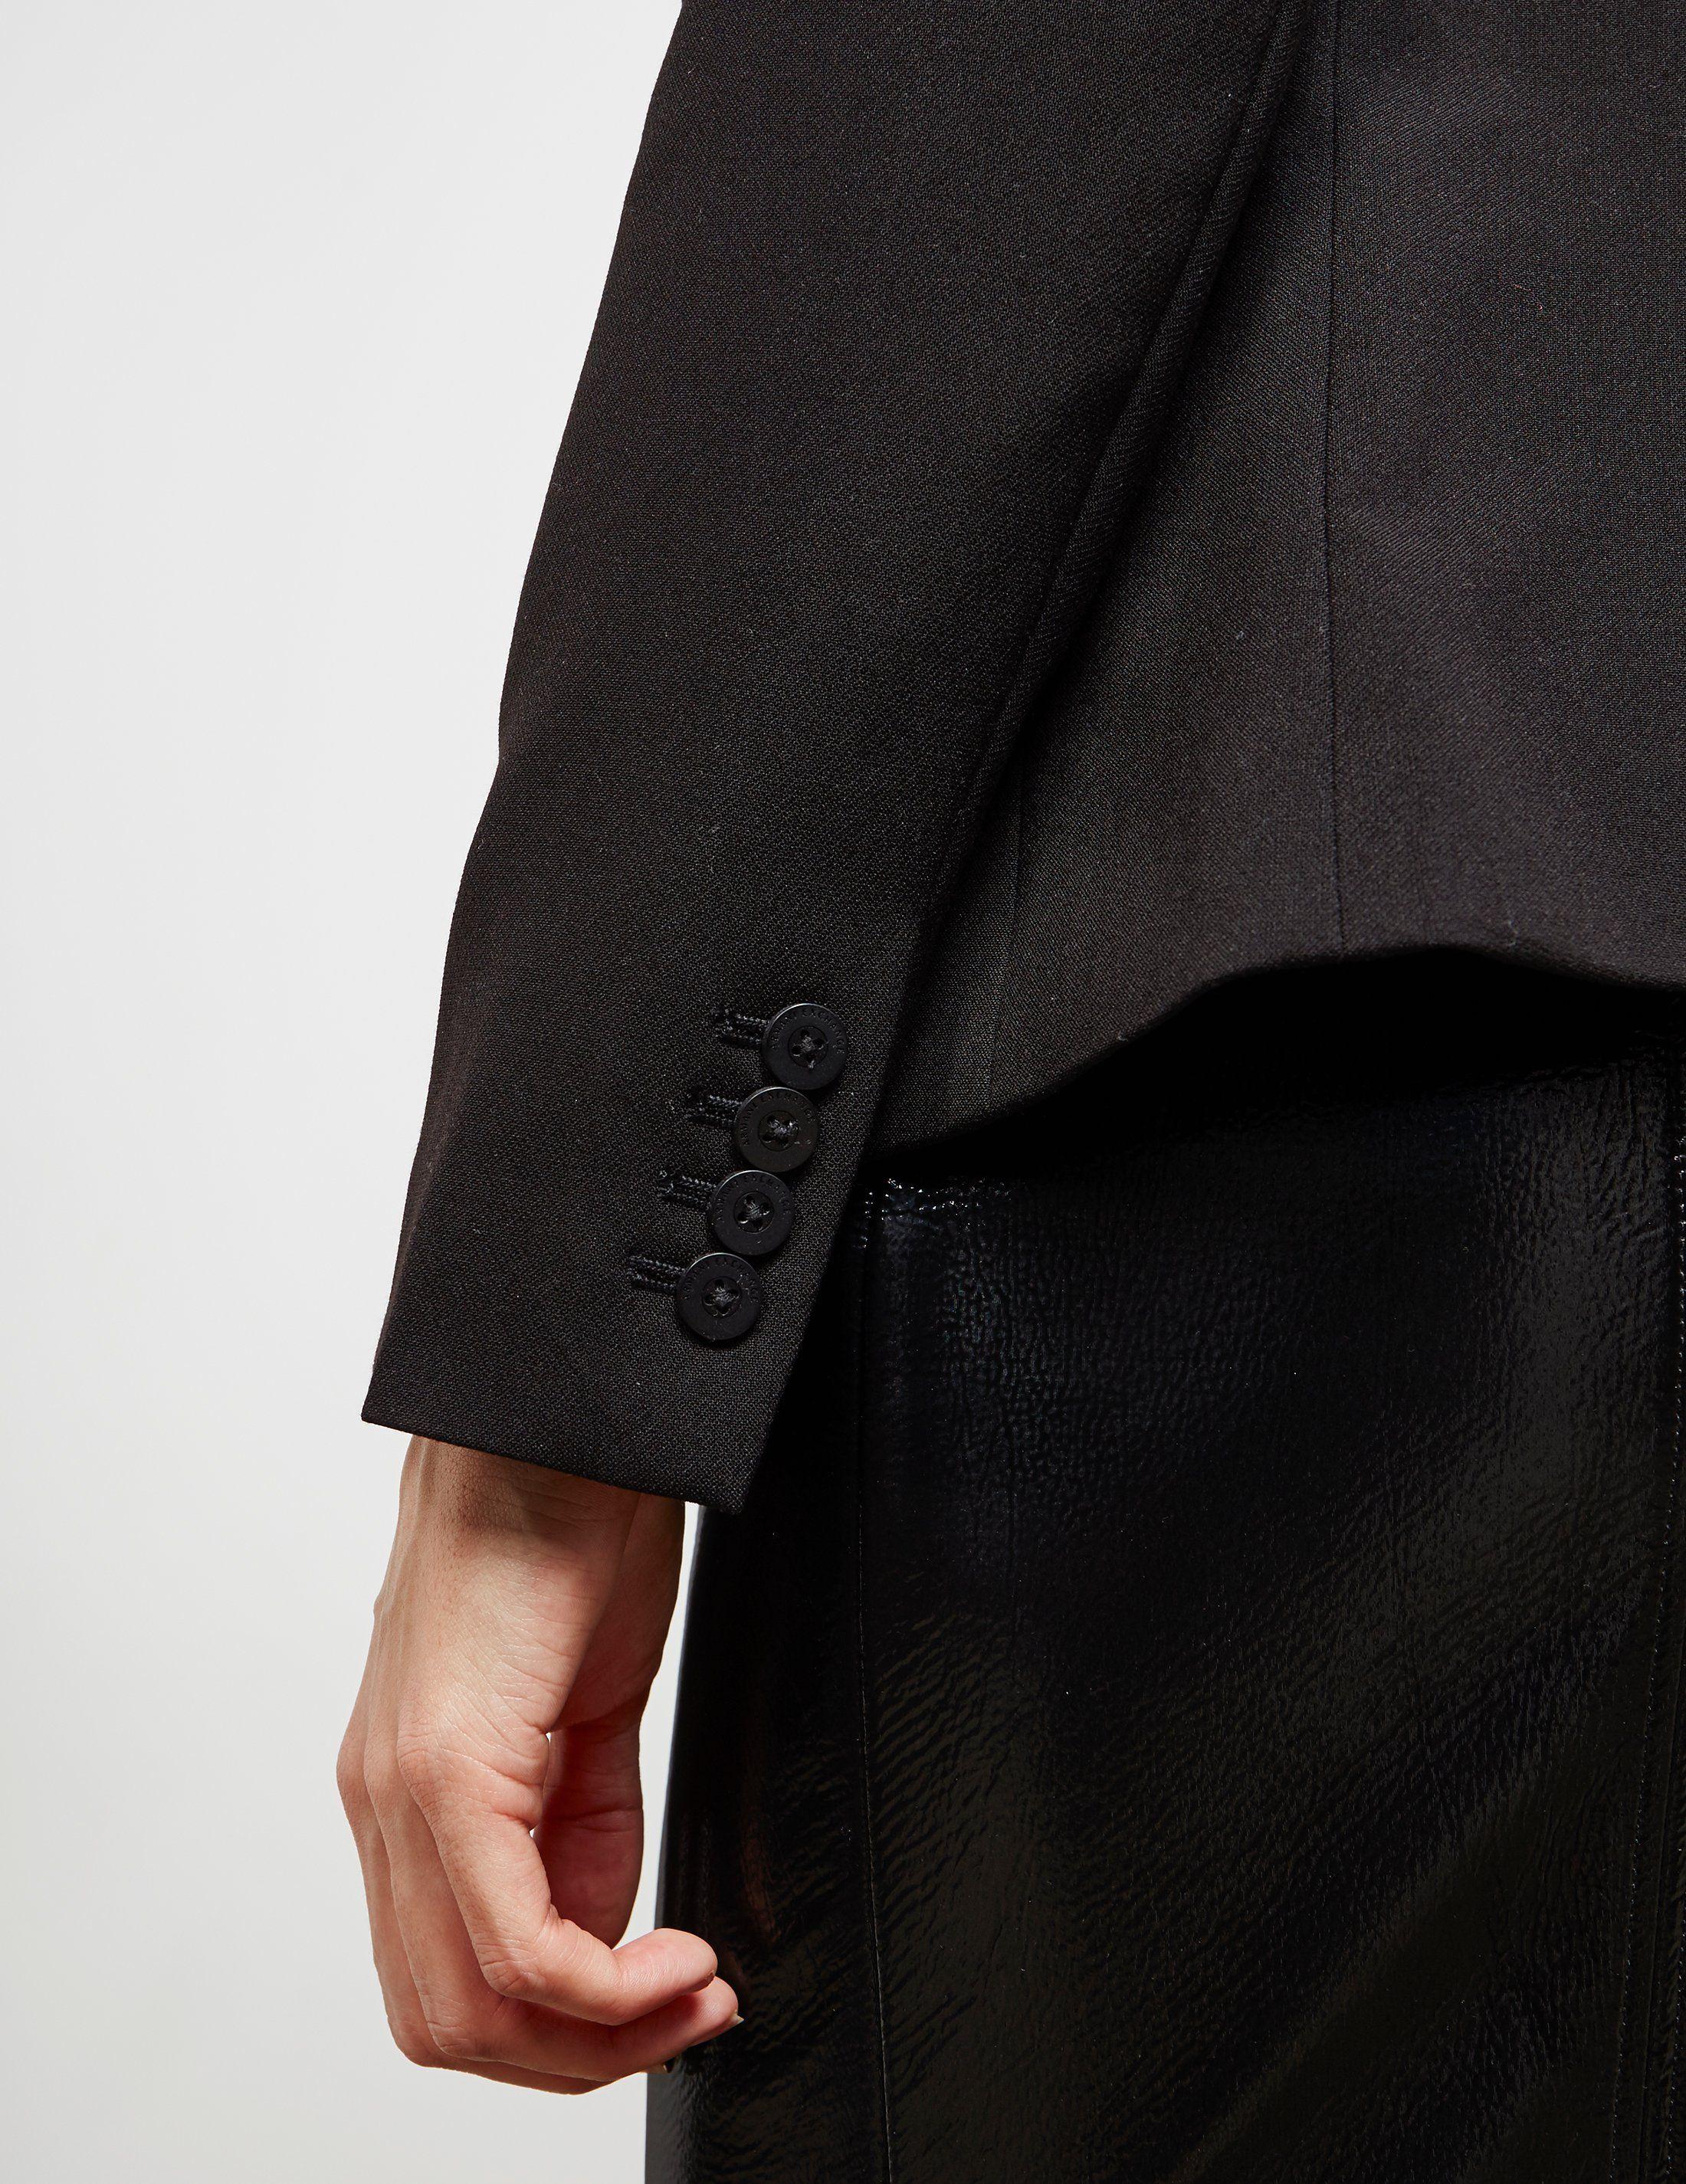 Armani Exchange Stretch Blazer - Online Exclusive